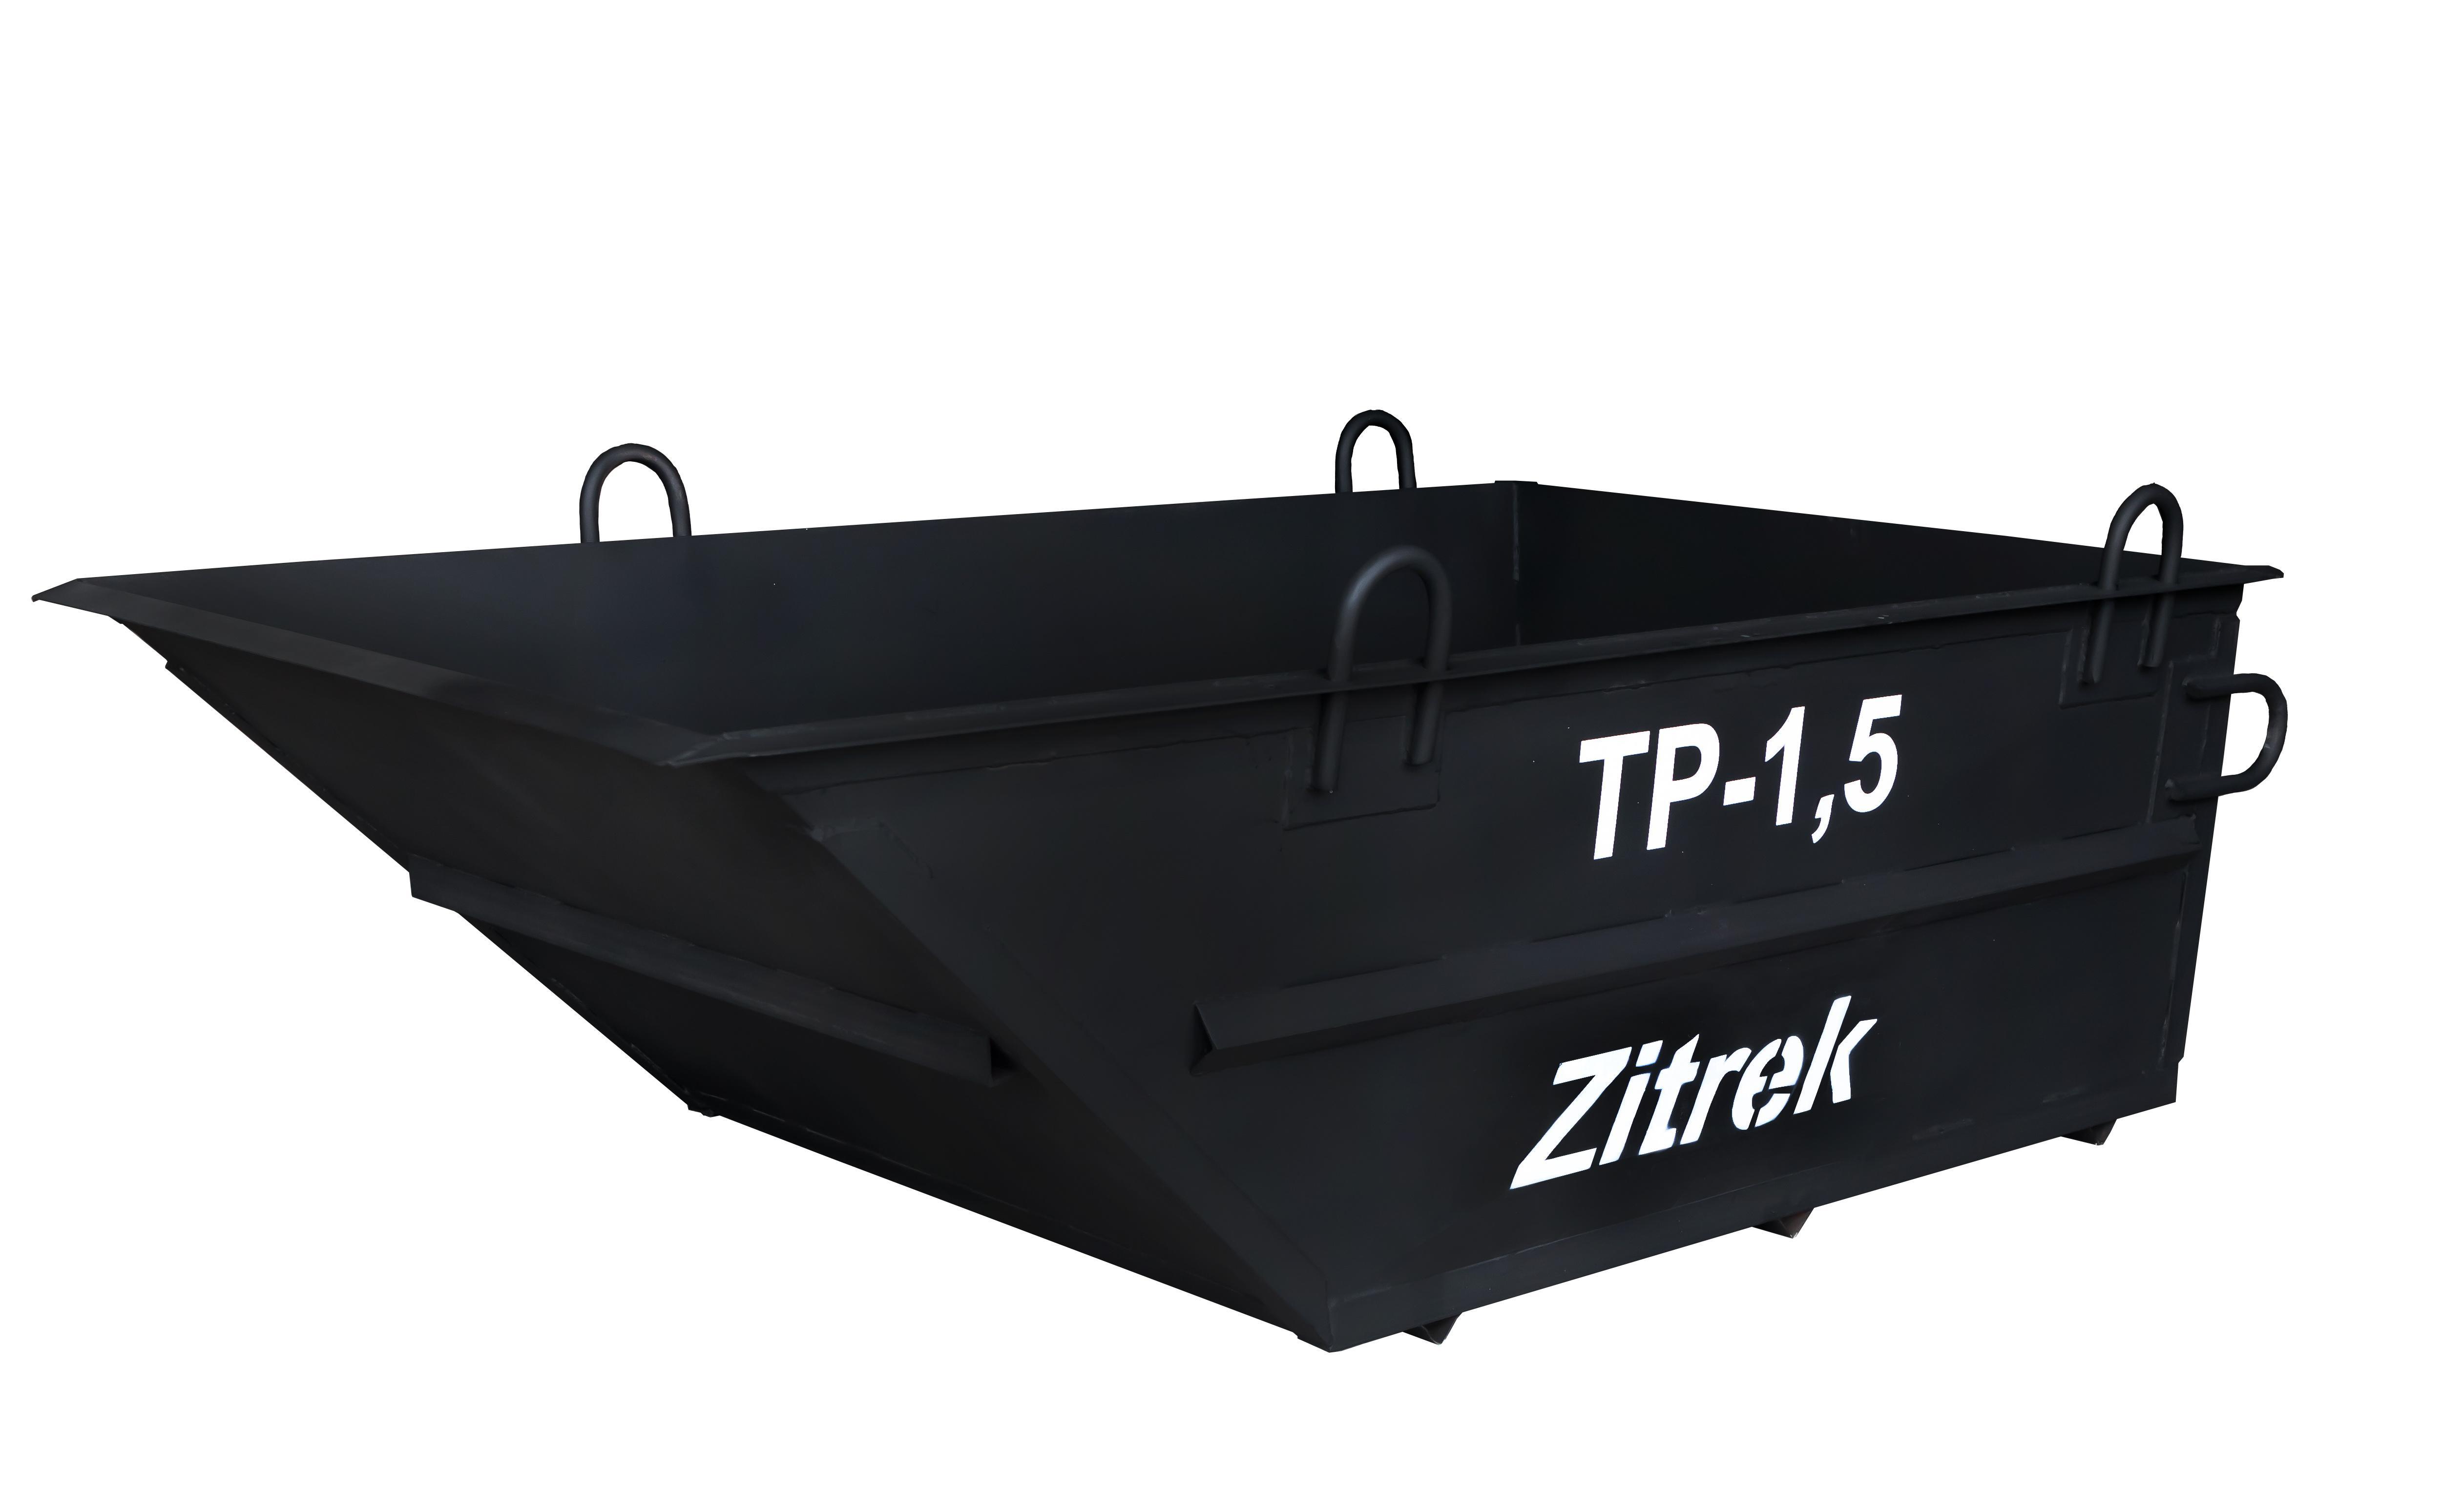 Тара для раствора Zitrek ТР-1,5 (021-2090) фото